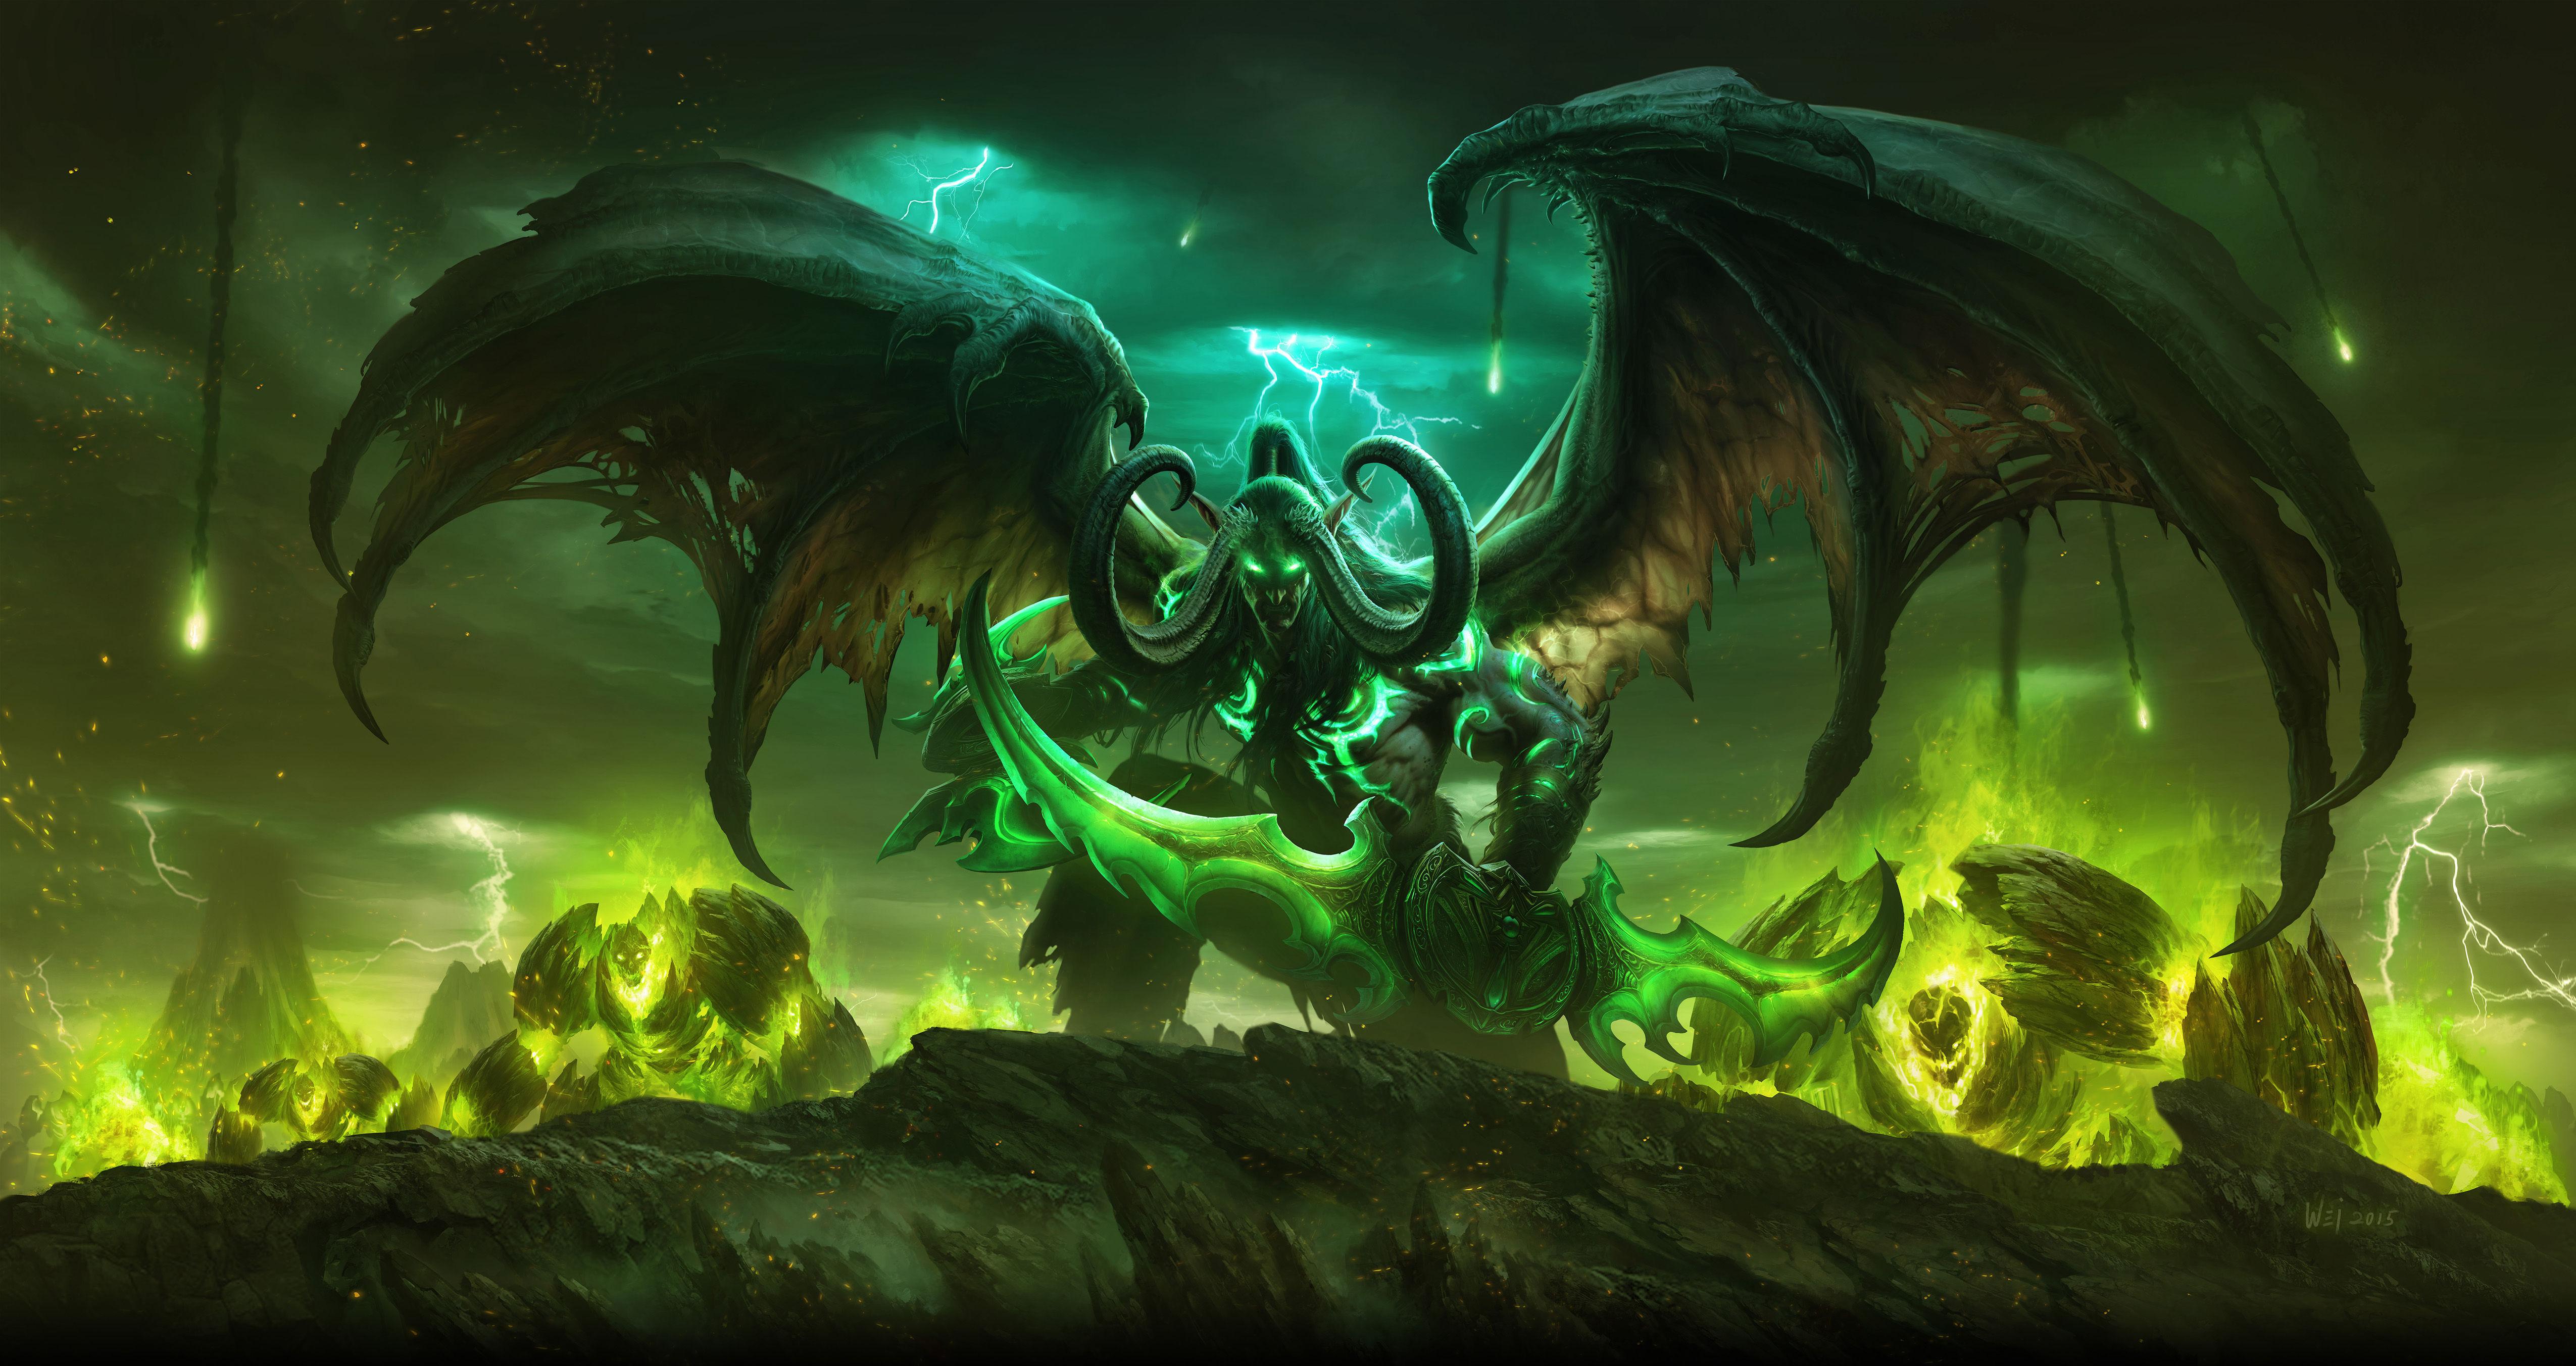 La experiencia que obtenemos en World of Warcraft varía si estamos descansados. ¿Cuánto?